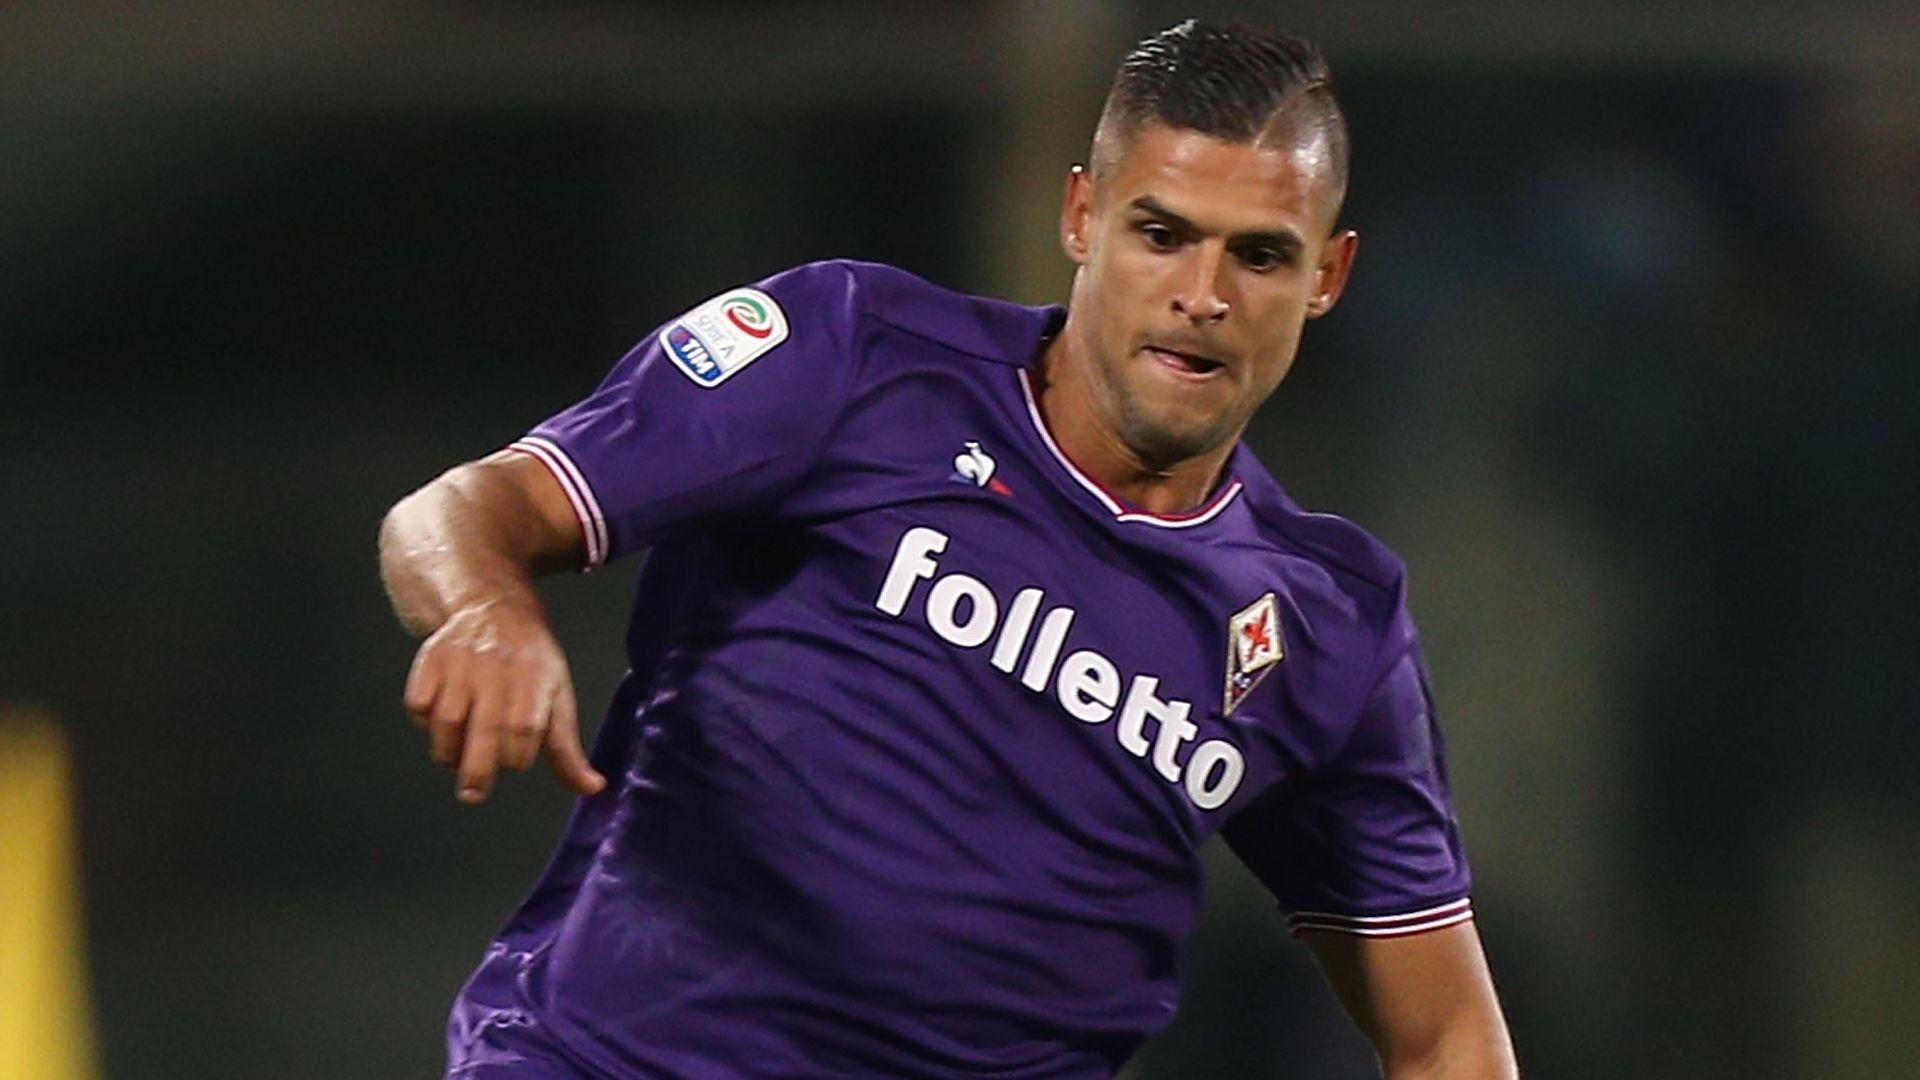 Infortunio Laurini, UFFICIALE: il comunicato della Fiorentina